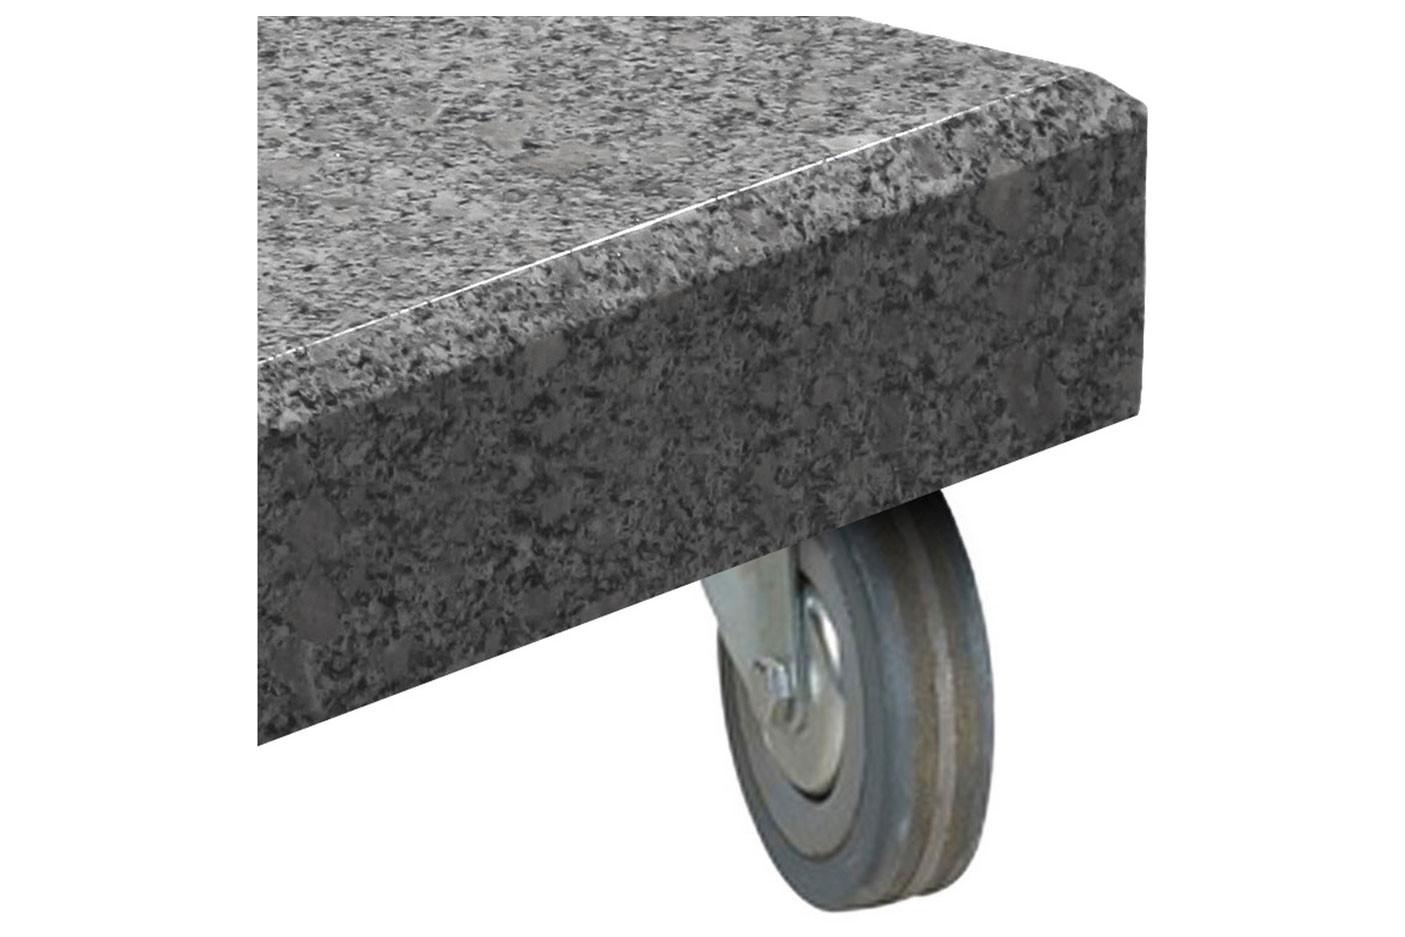 Wheels for granite base 125 kgs. Set of 4.